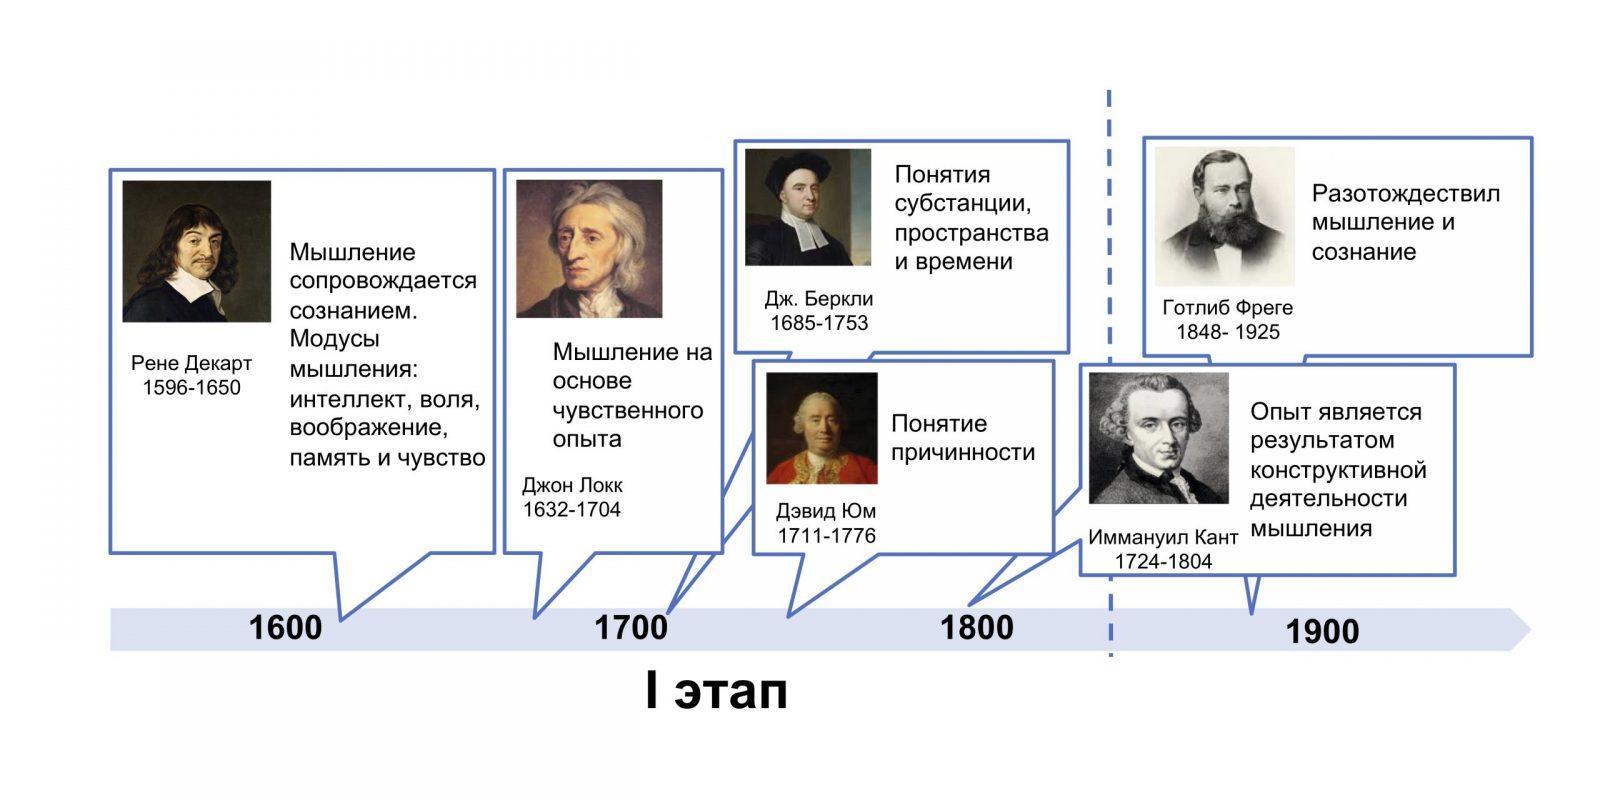 Первый этап в развитии праксеологии